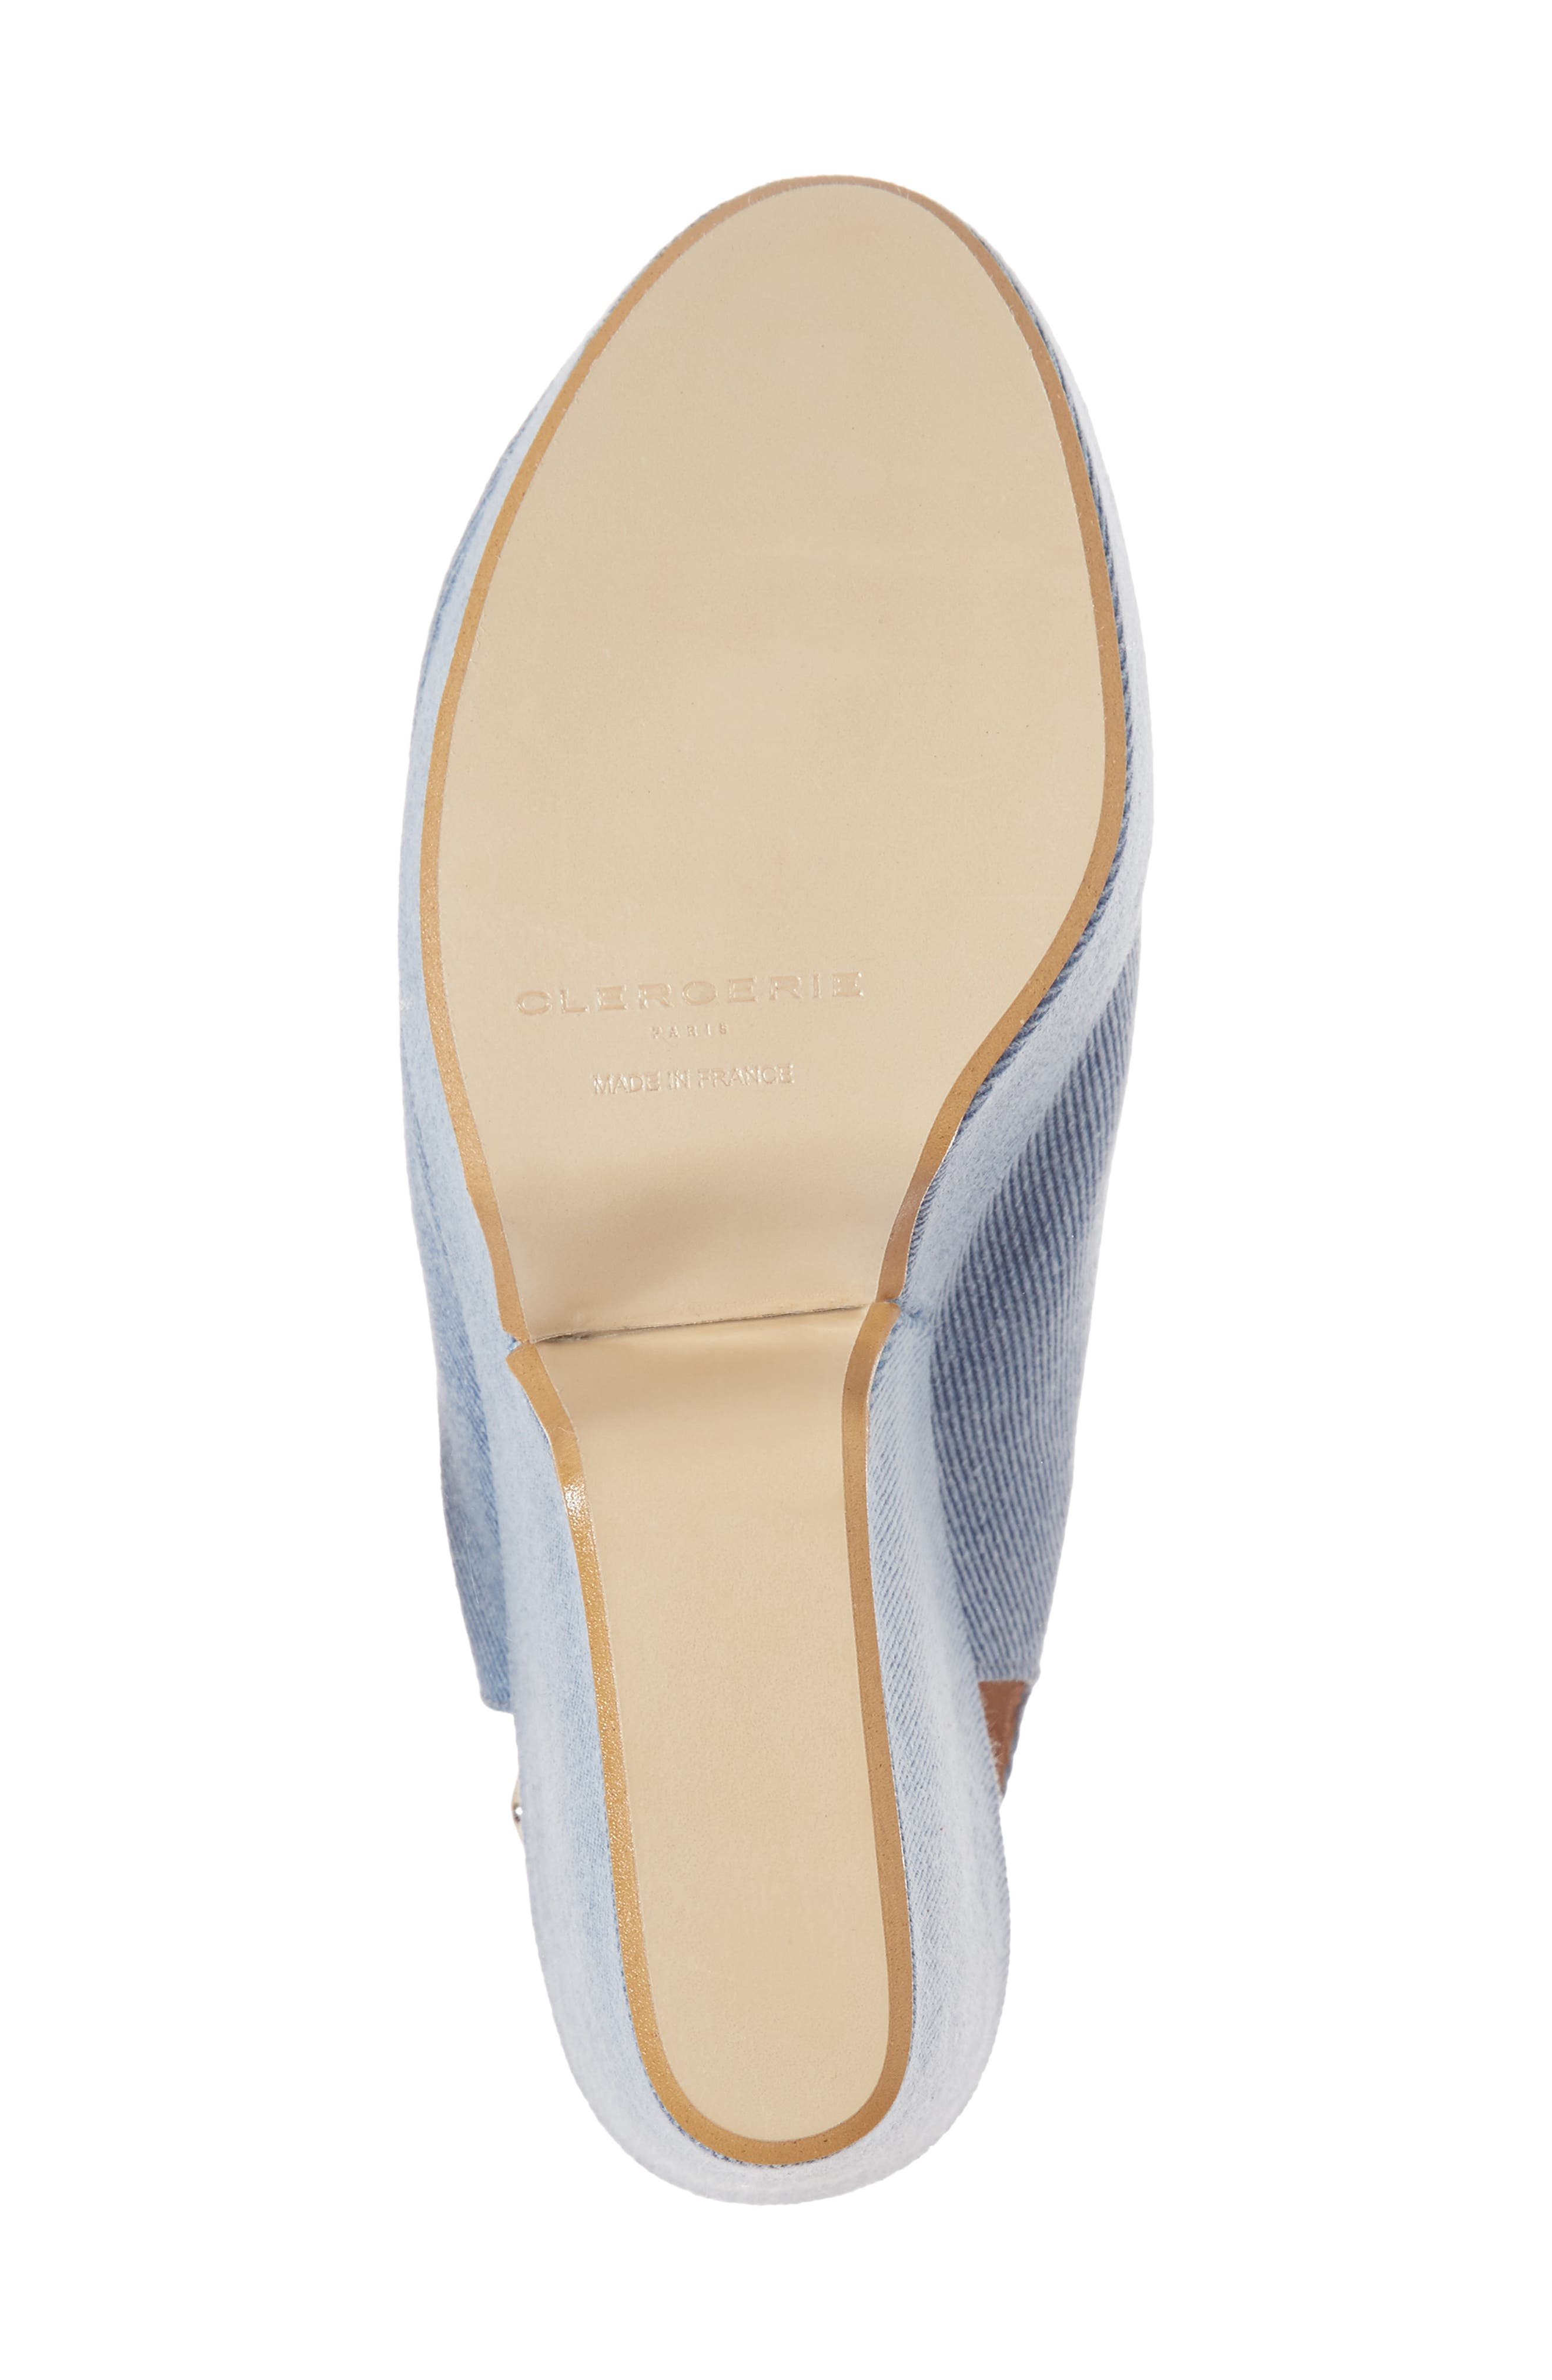 Dylanto Platform Wedge Sandal,                             Alternate thumbnail 6, color,